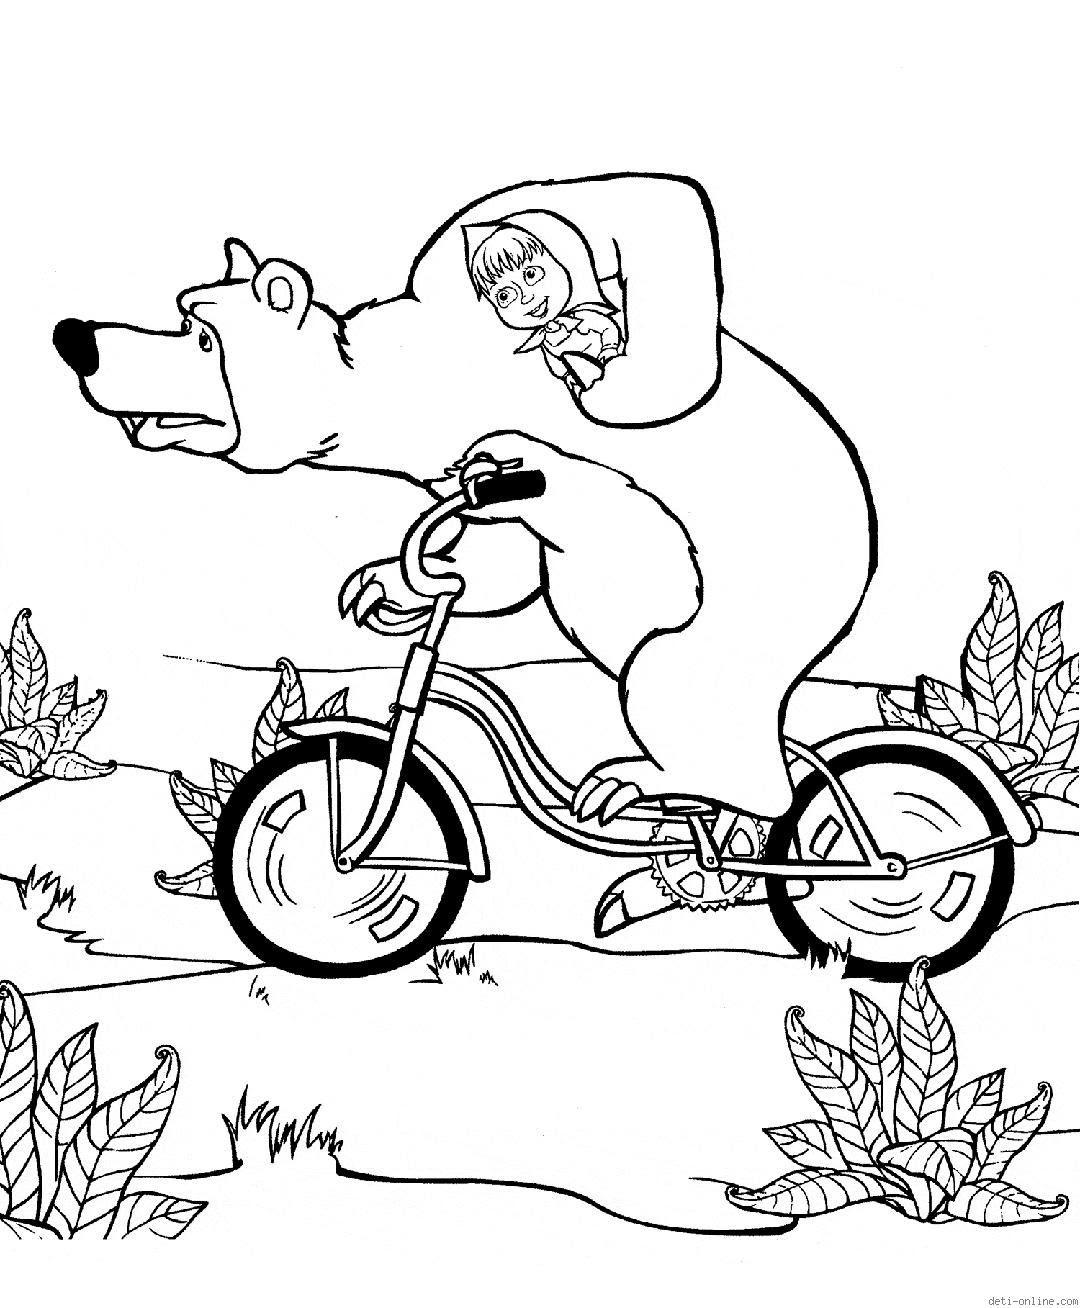 Dibujos Para Colorear Masha Y El Oso Dibujos Animados